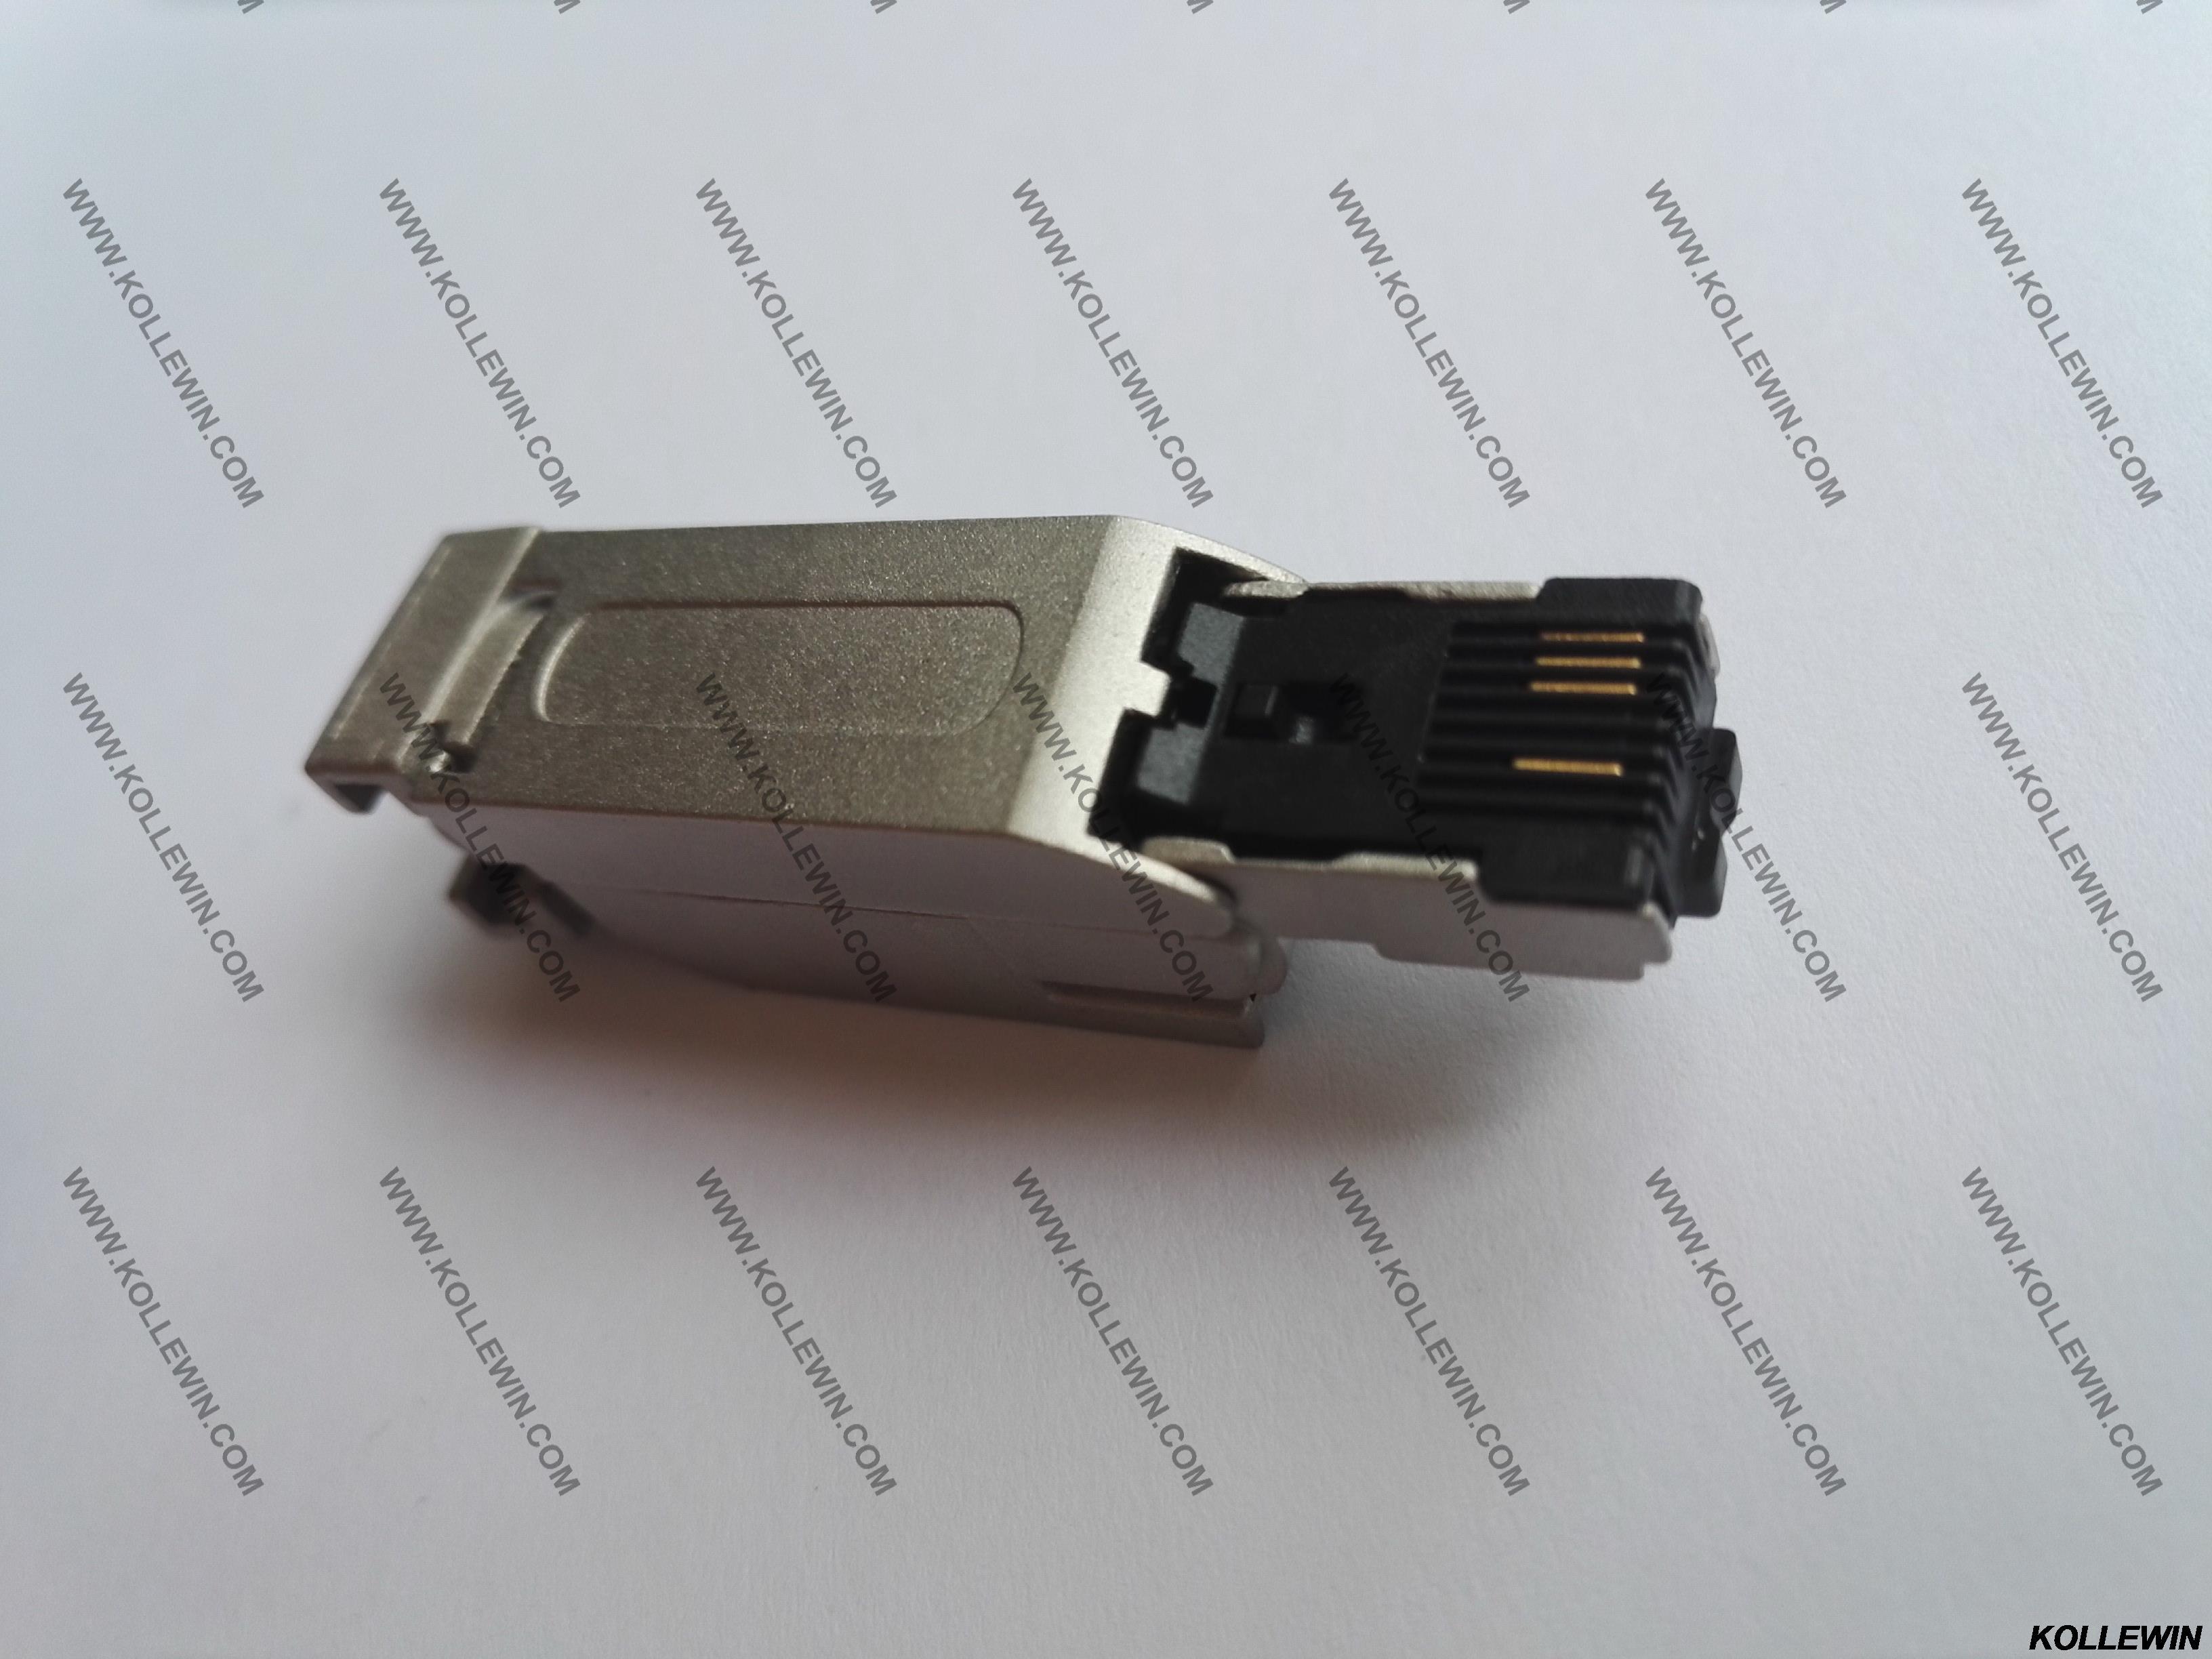 6GK1901-1BB10-2AB0 10 pcs 6GK1901-1BB10-2AA0 RJ45 PLUG 180 degrés connecteur profinet 6GK1 901-1BB10-2AB0 OEM 2 ans de garantie